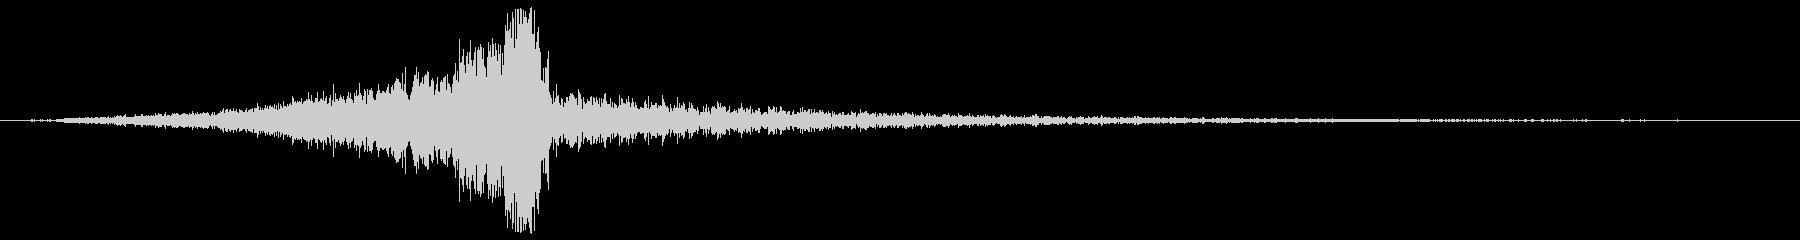 ヒューシュー逆吸引の未再生の波形